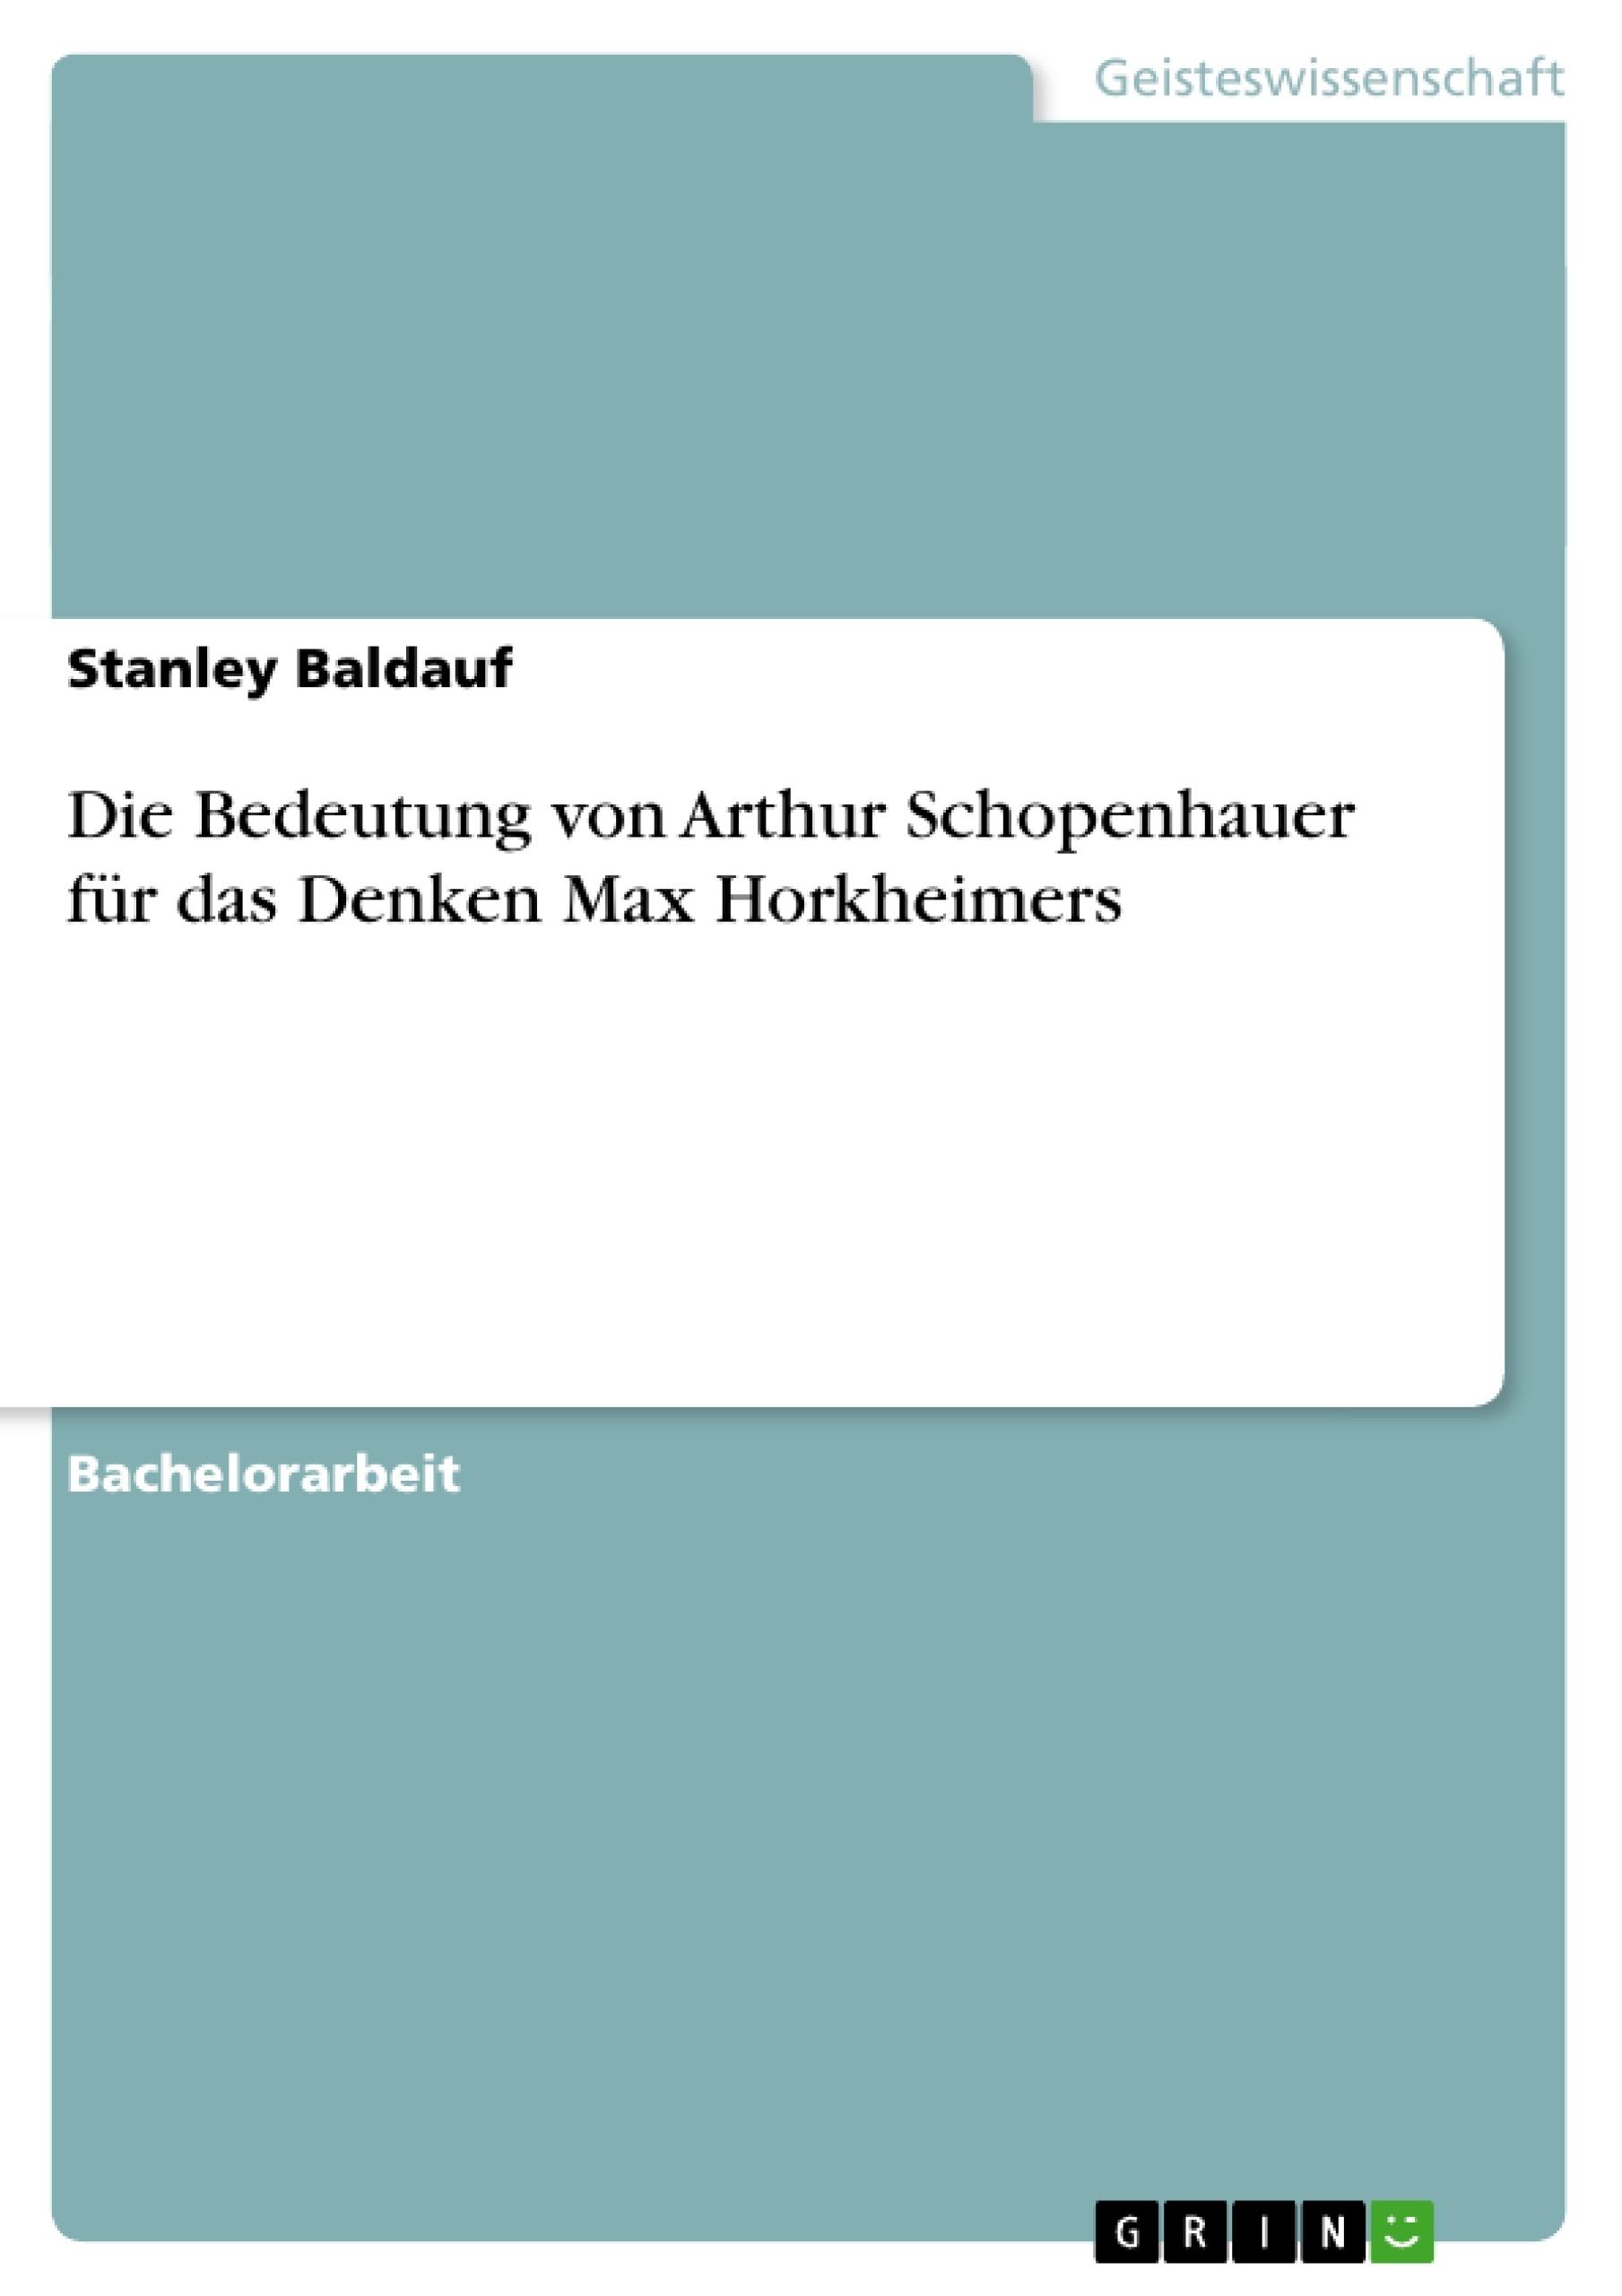 Titel: Die Bedeutung von Arthur Schopenhauer für das Denken Max Horkheimers